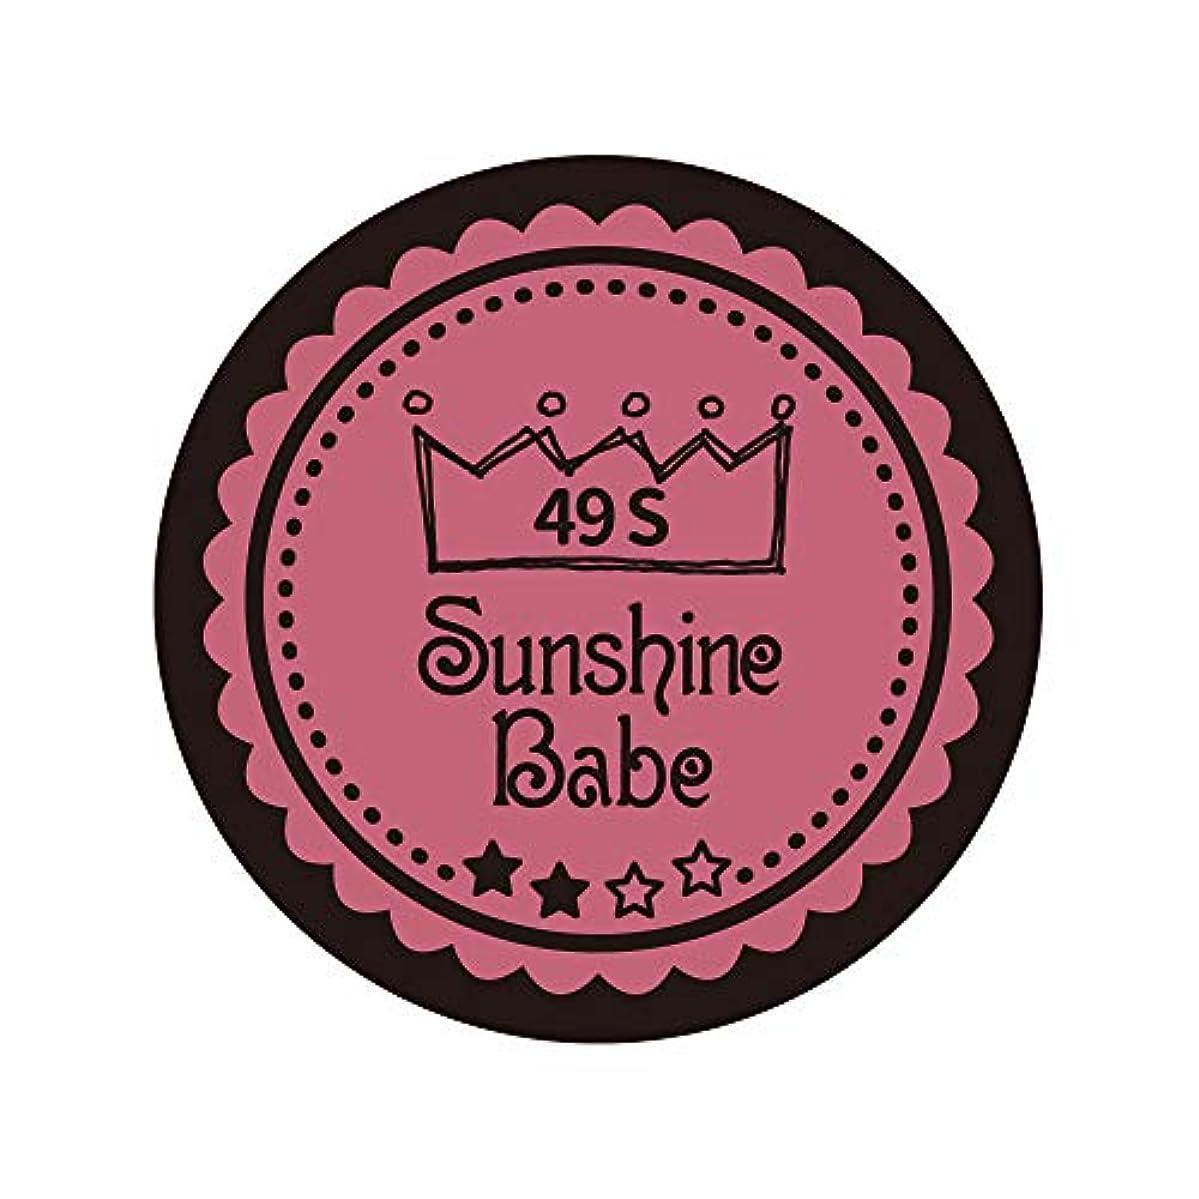 レトルトメンダシティ堀Sunshine Babe カラージェル 49S カシミアピンク 4g UV/LED対応